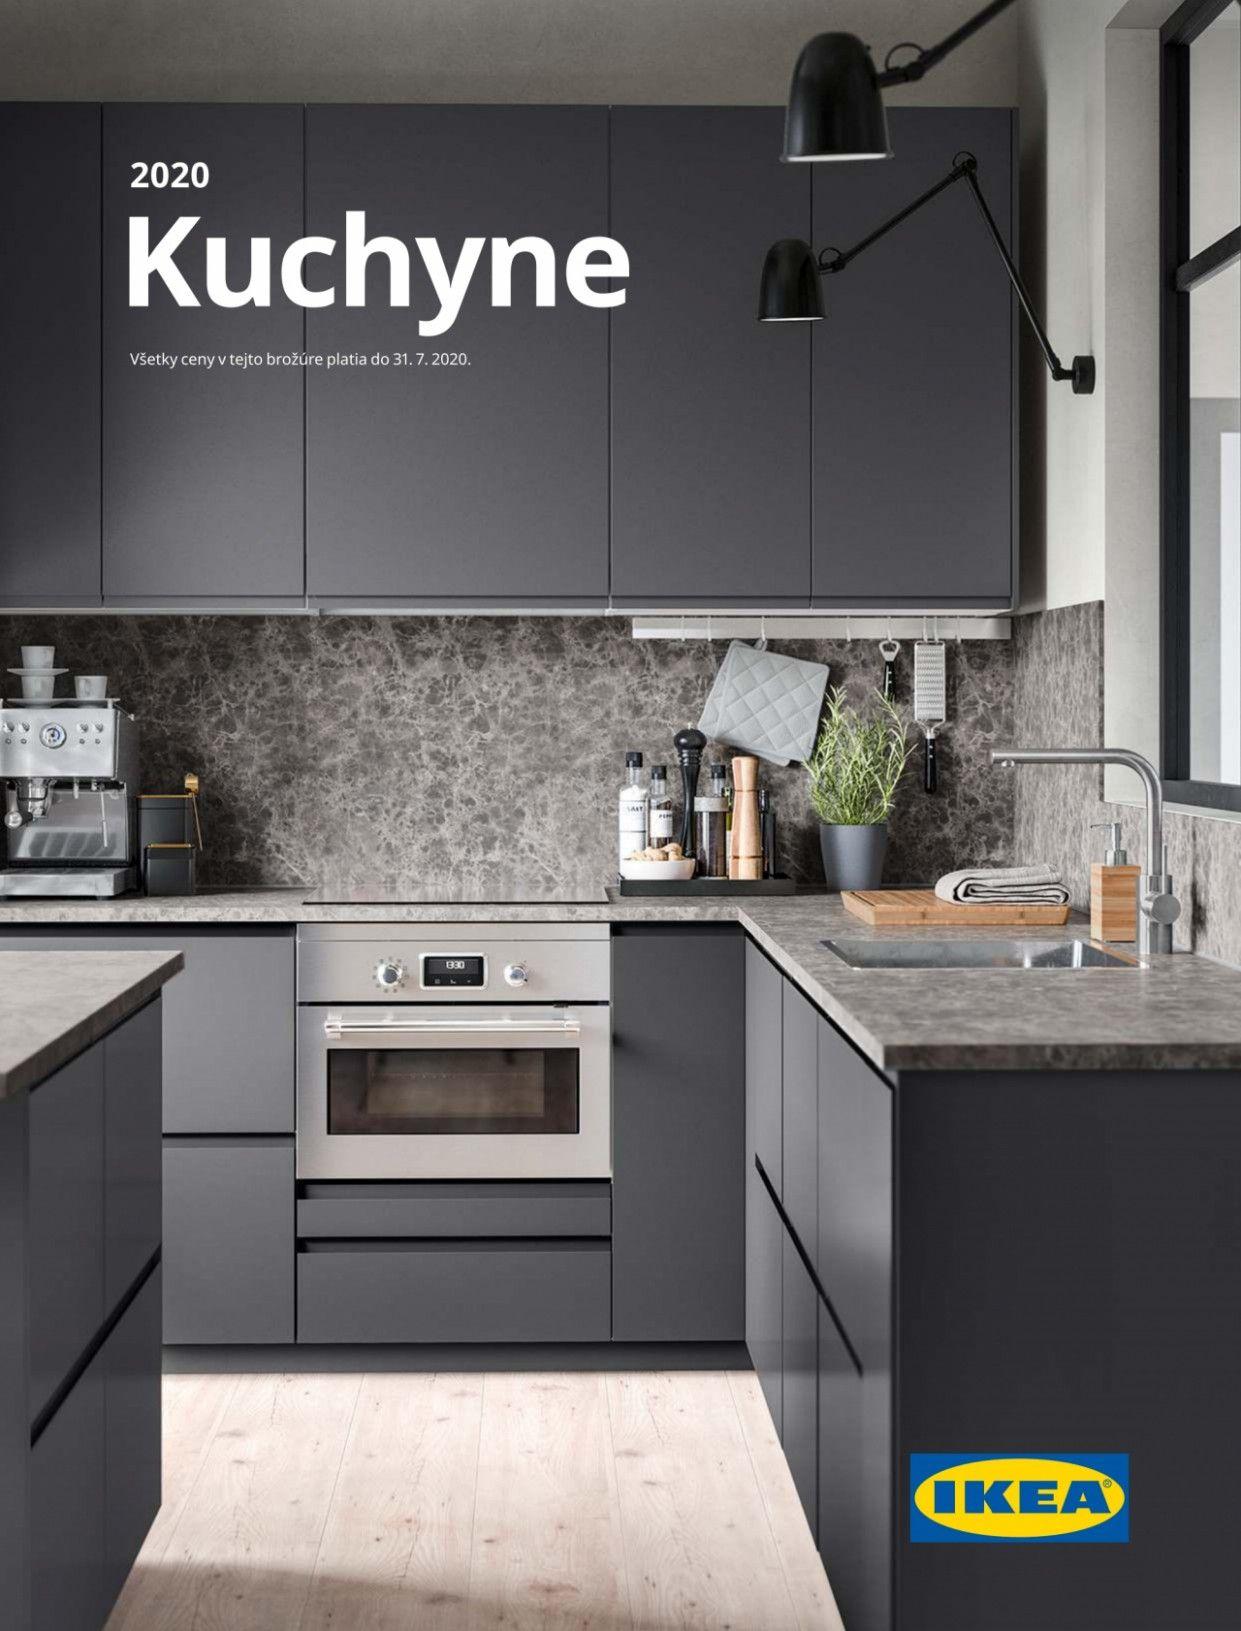 8 Kvalitní Inspirace Idea Kuchyne. Jako v Ikea kitchen